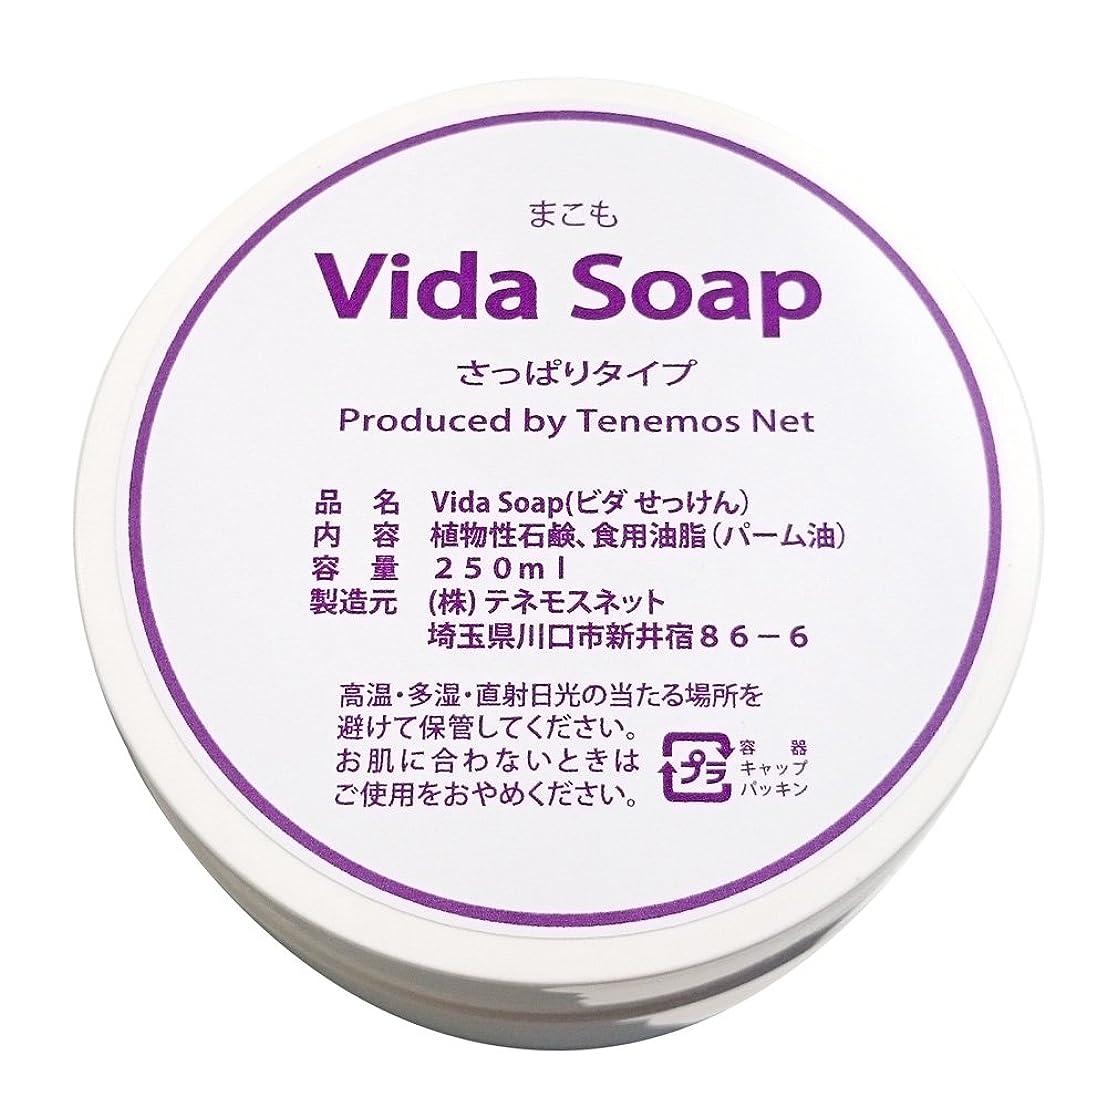 小競り合いアデレード週間テネモス ビダせっけん Vida Soap さっぱりまこも 植物性 250ml